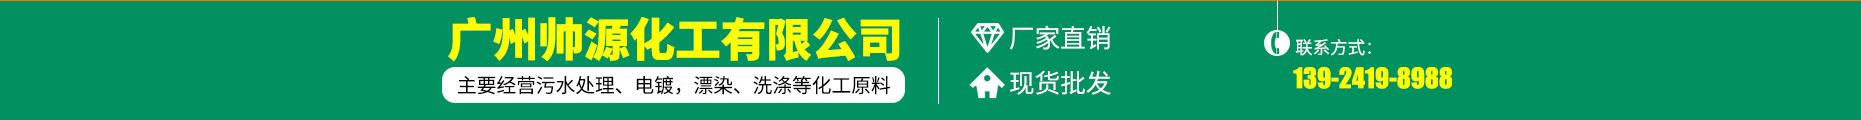 广州帅源化工有限公司